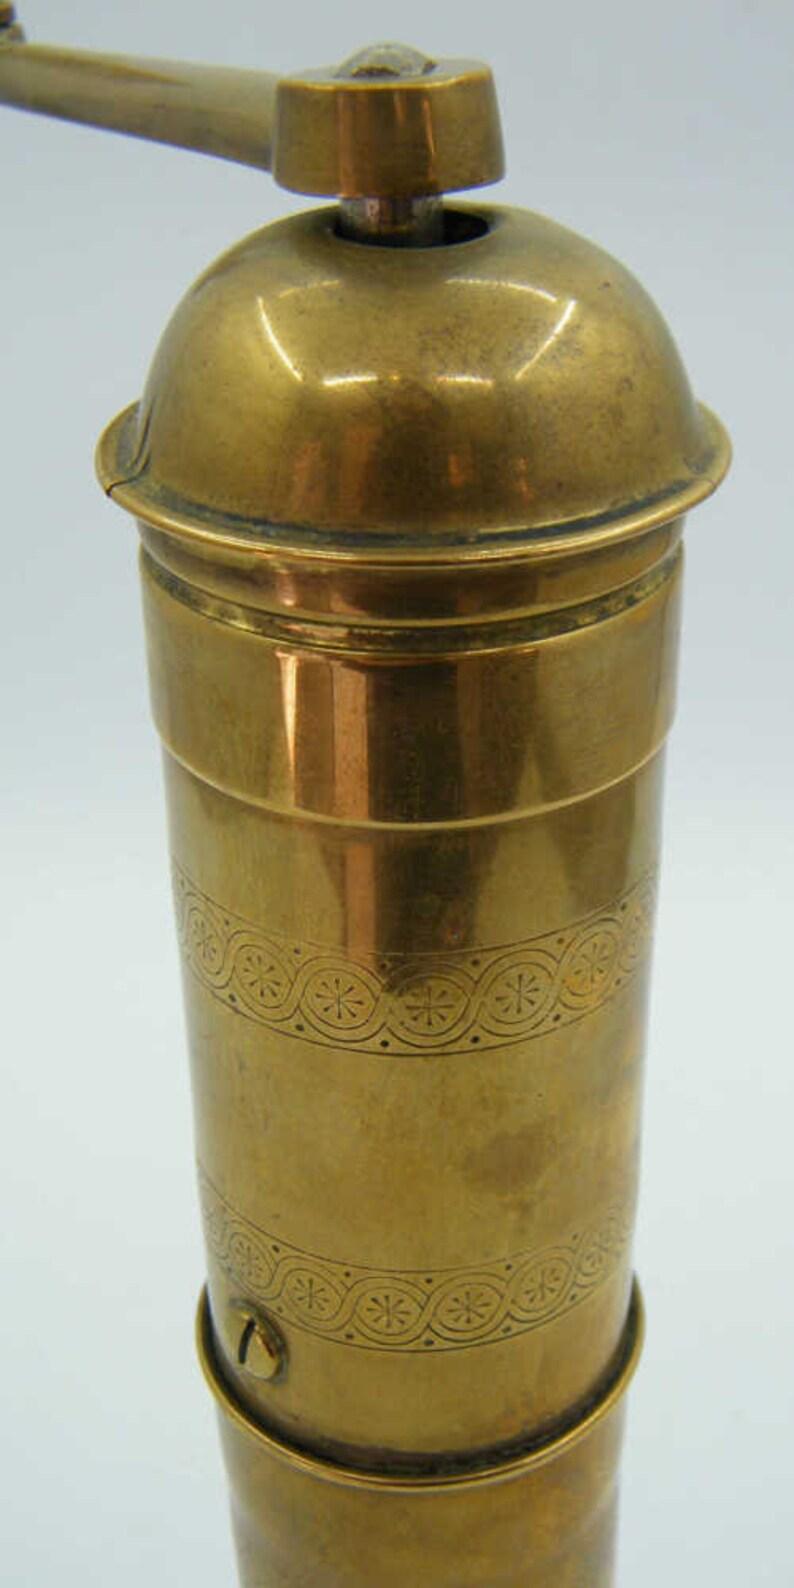 Vintage Solid Brass KTM Original MOCCA Pepper Grinder